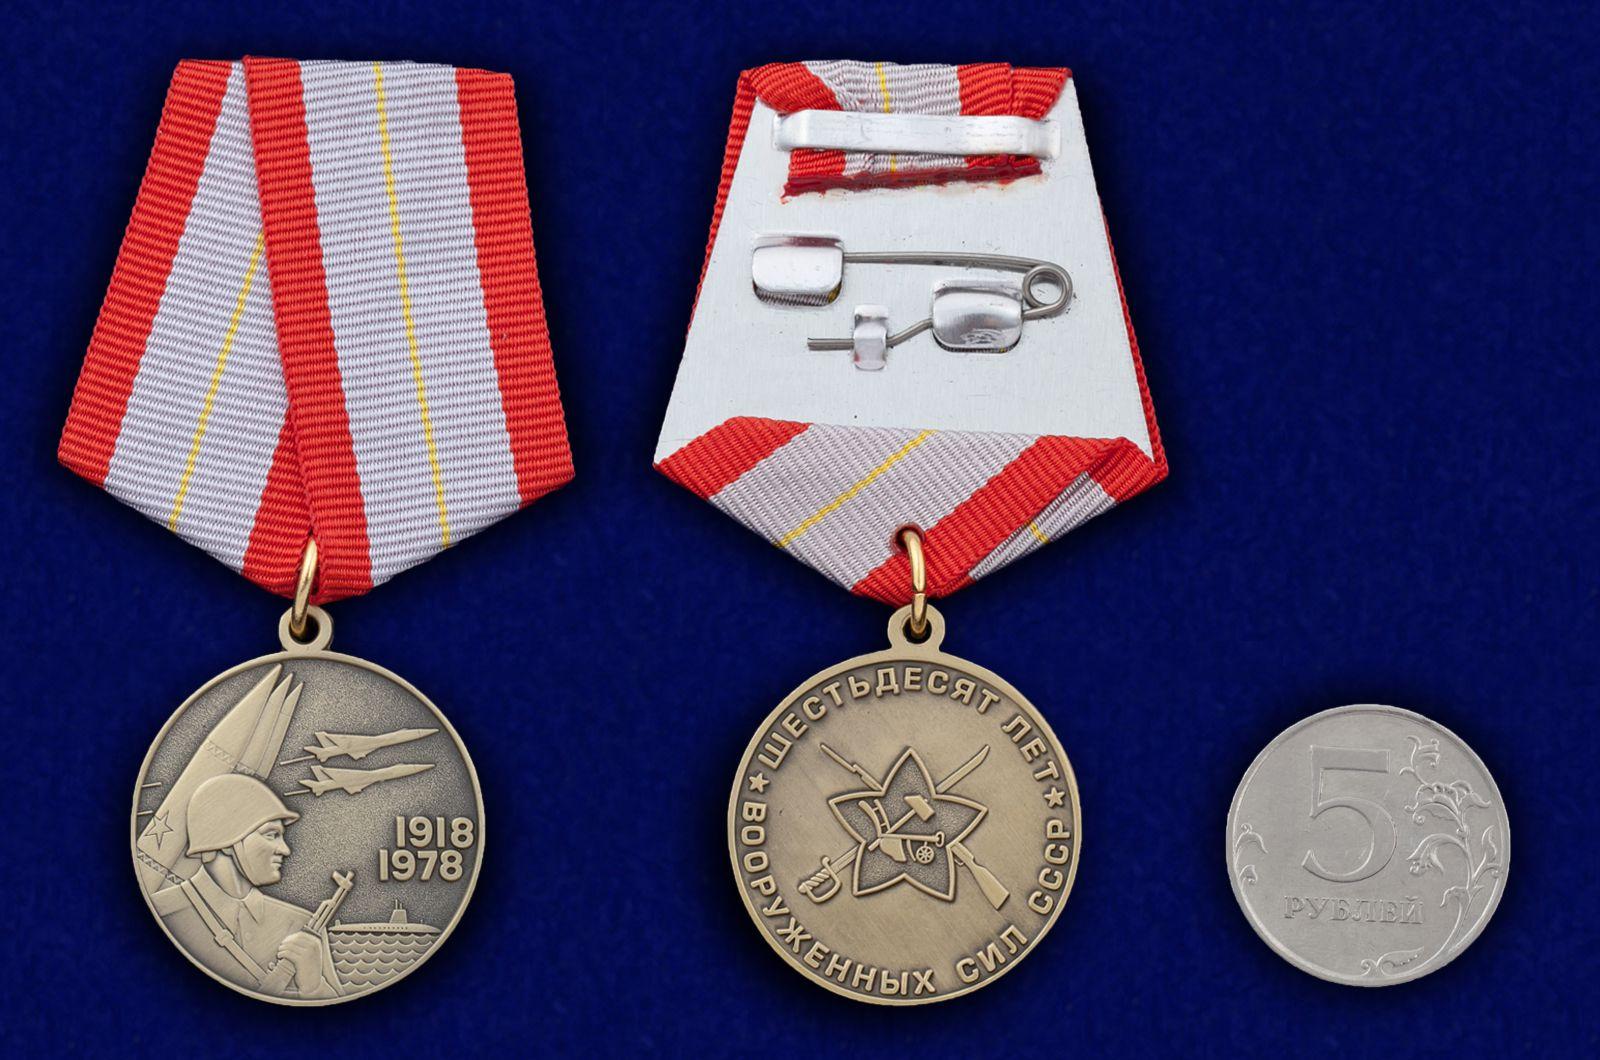 """Медаль """"60 лет ВС СССР"""" по цене 499 рублей (фото с колодкой и креплением)"""